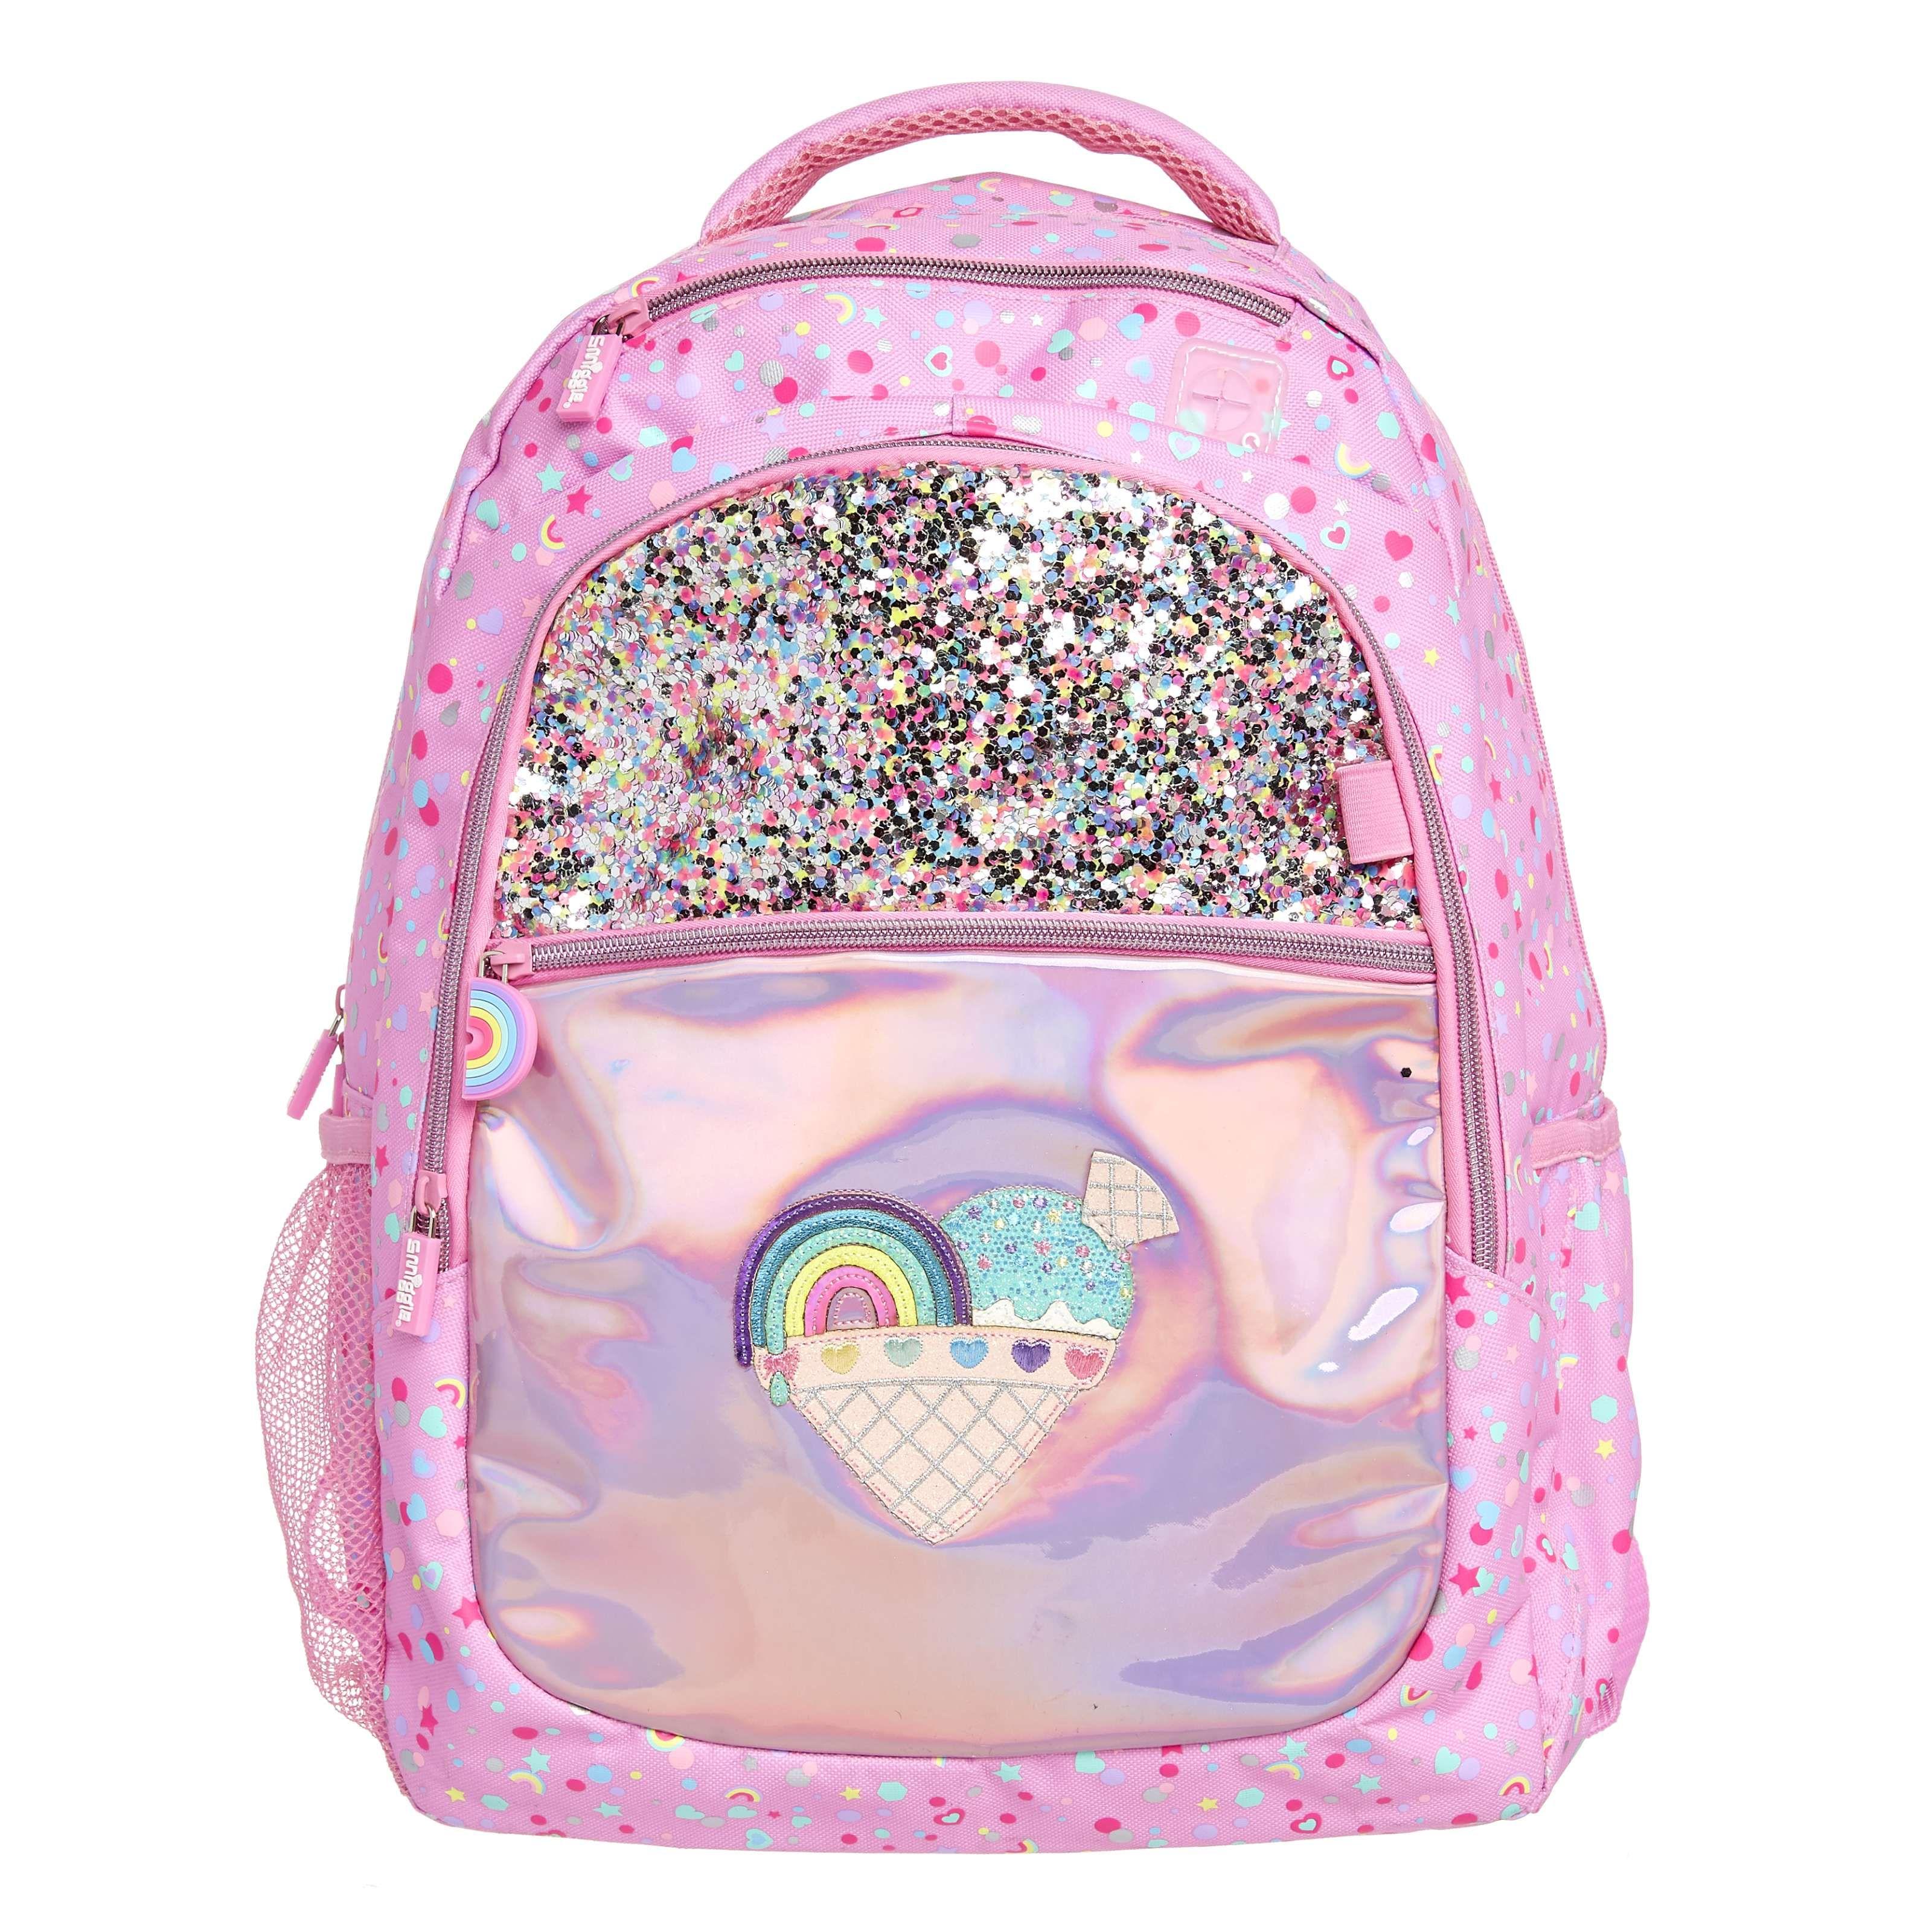 2018 Women Bags Transparent Backpack Bolsos De Pvc Holographic High Quality Laser Hologram Backpack Girls Shoulder Bag Fragrant Aroma Luggage & Bags